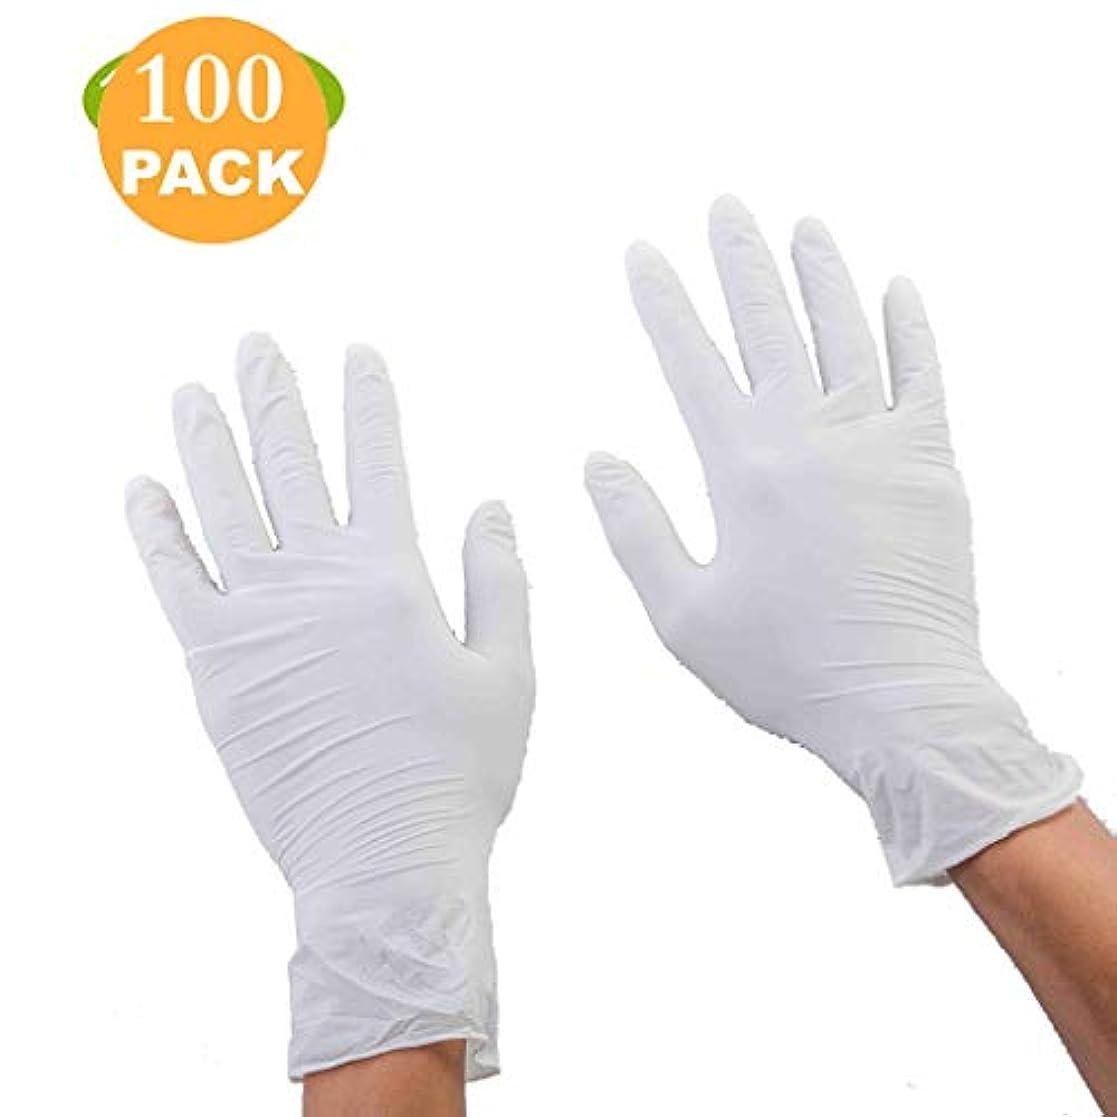 ありがたいミス柔らかい足ニトリル使い捨て12インチの厚さのゴム食品加工手袋ホワイト耐性-100パーボックス (Color : Blue, Size : M)